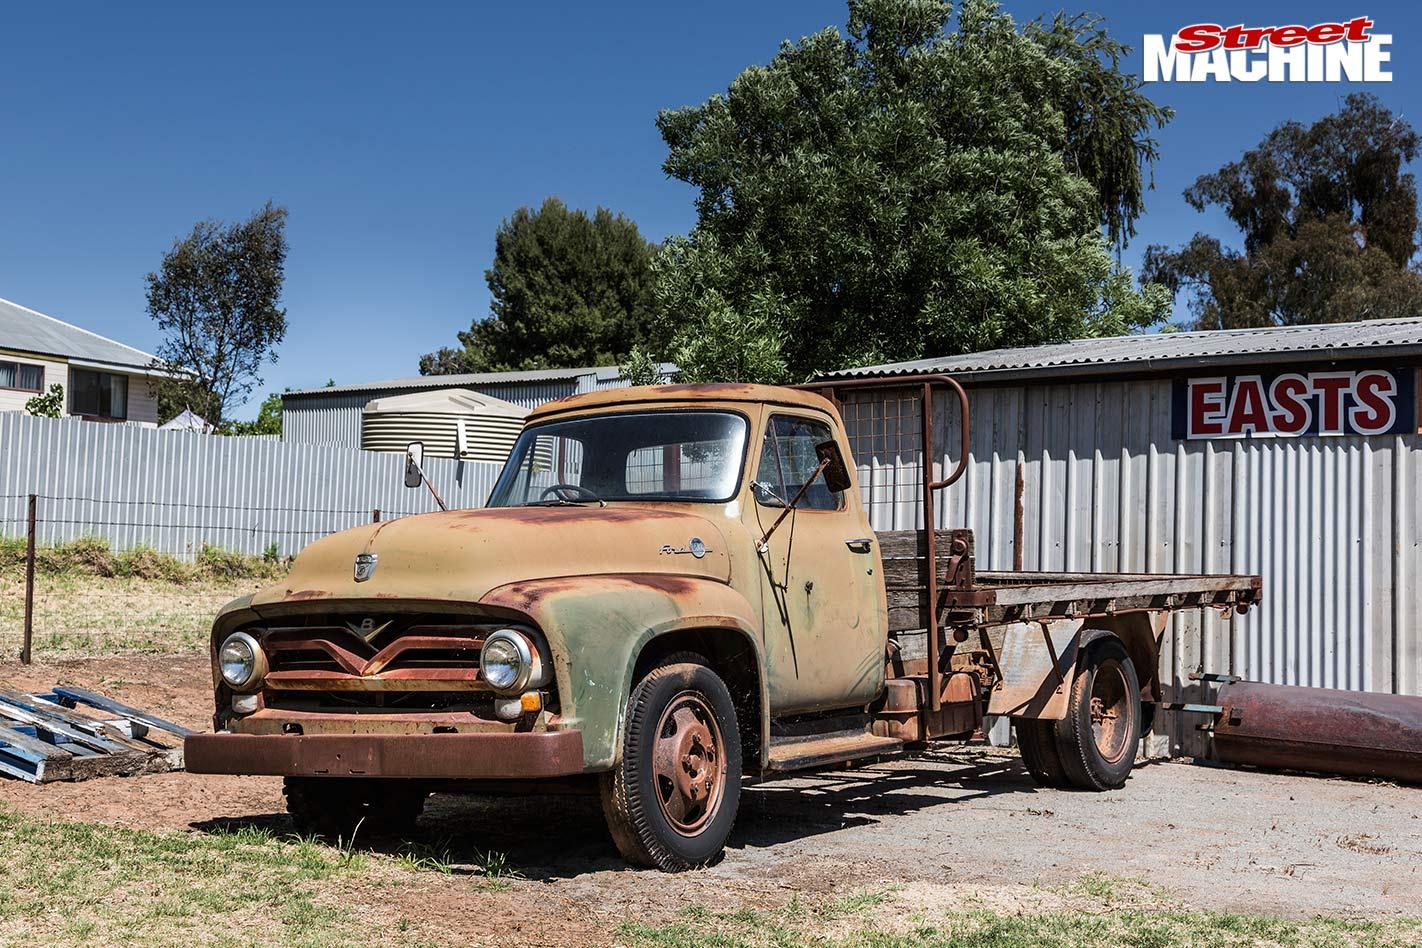 1955 F500 truck